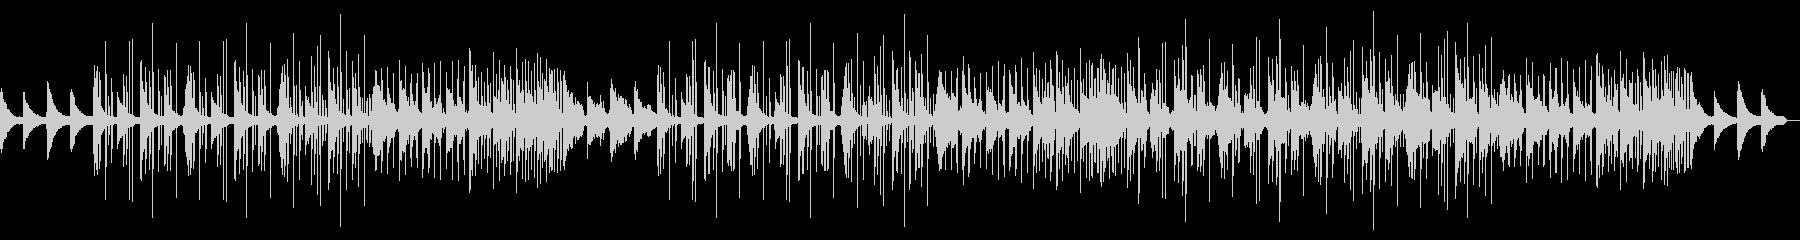 寂しげピアノのフレンチハウスポップスの未再生の波形